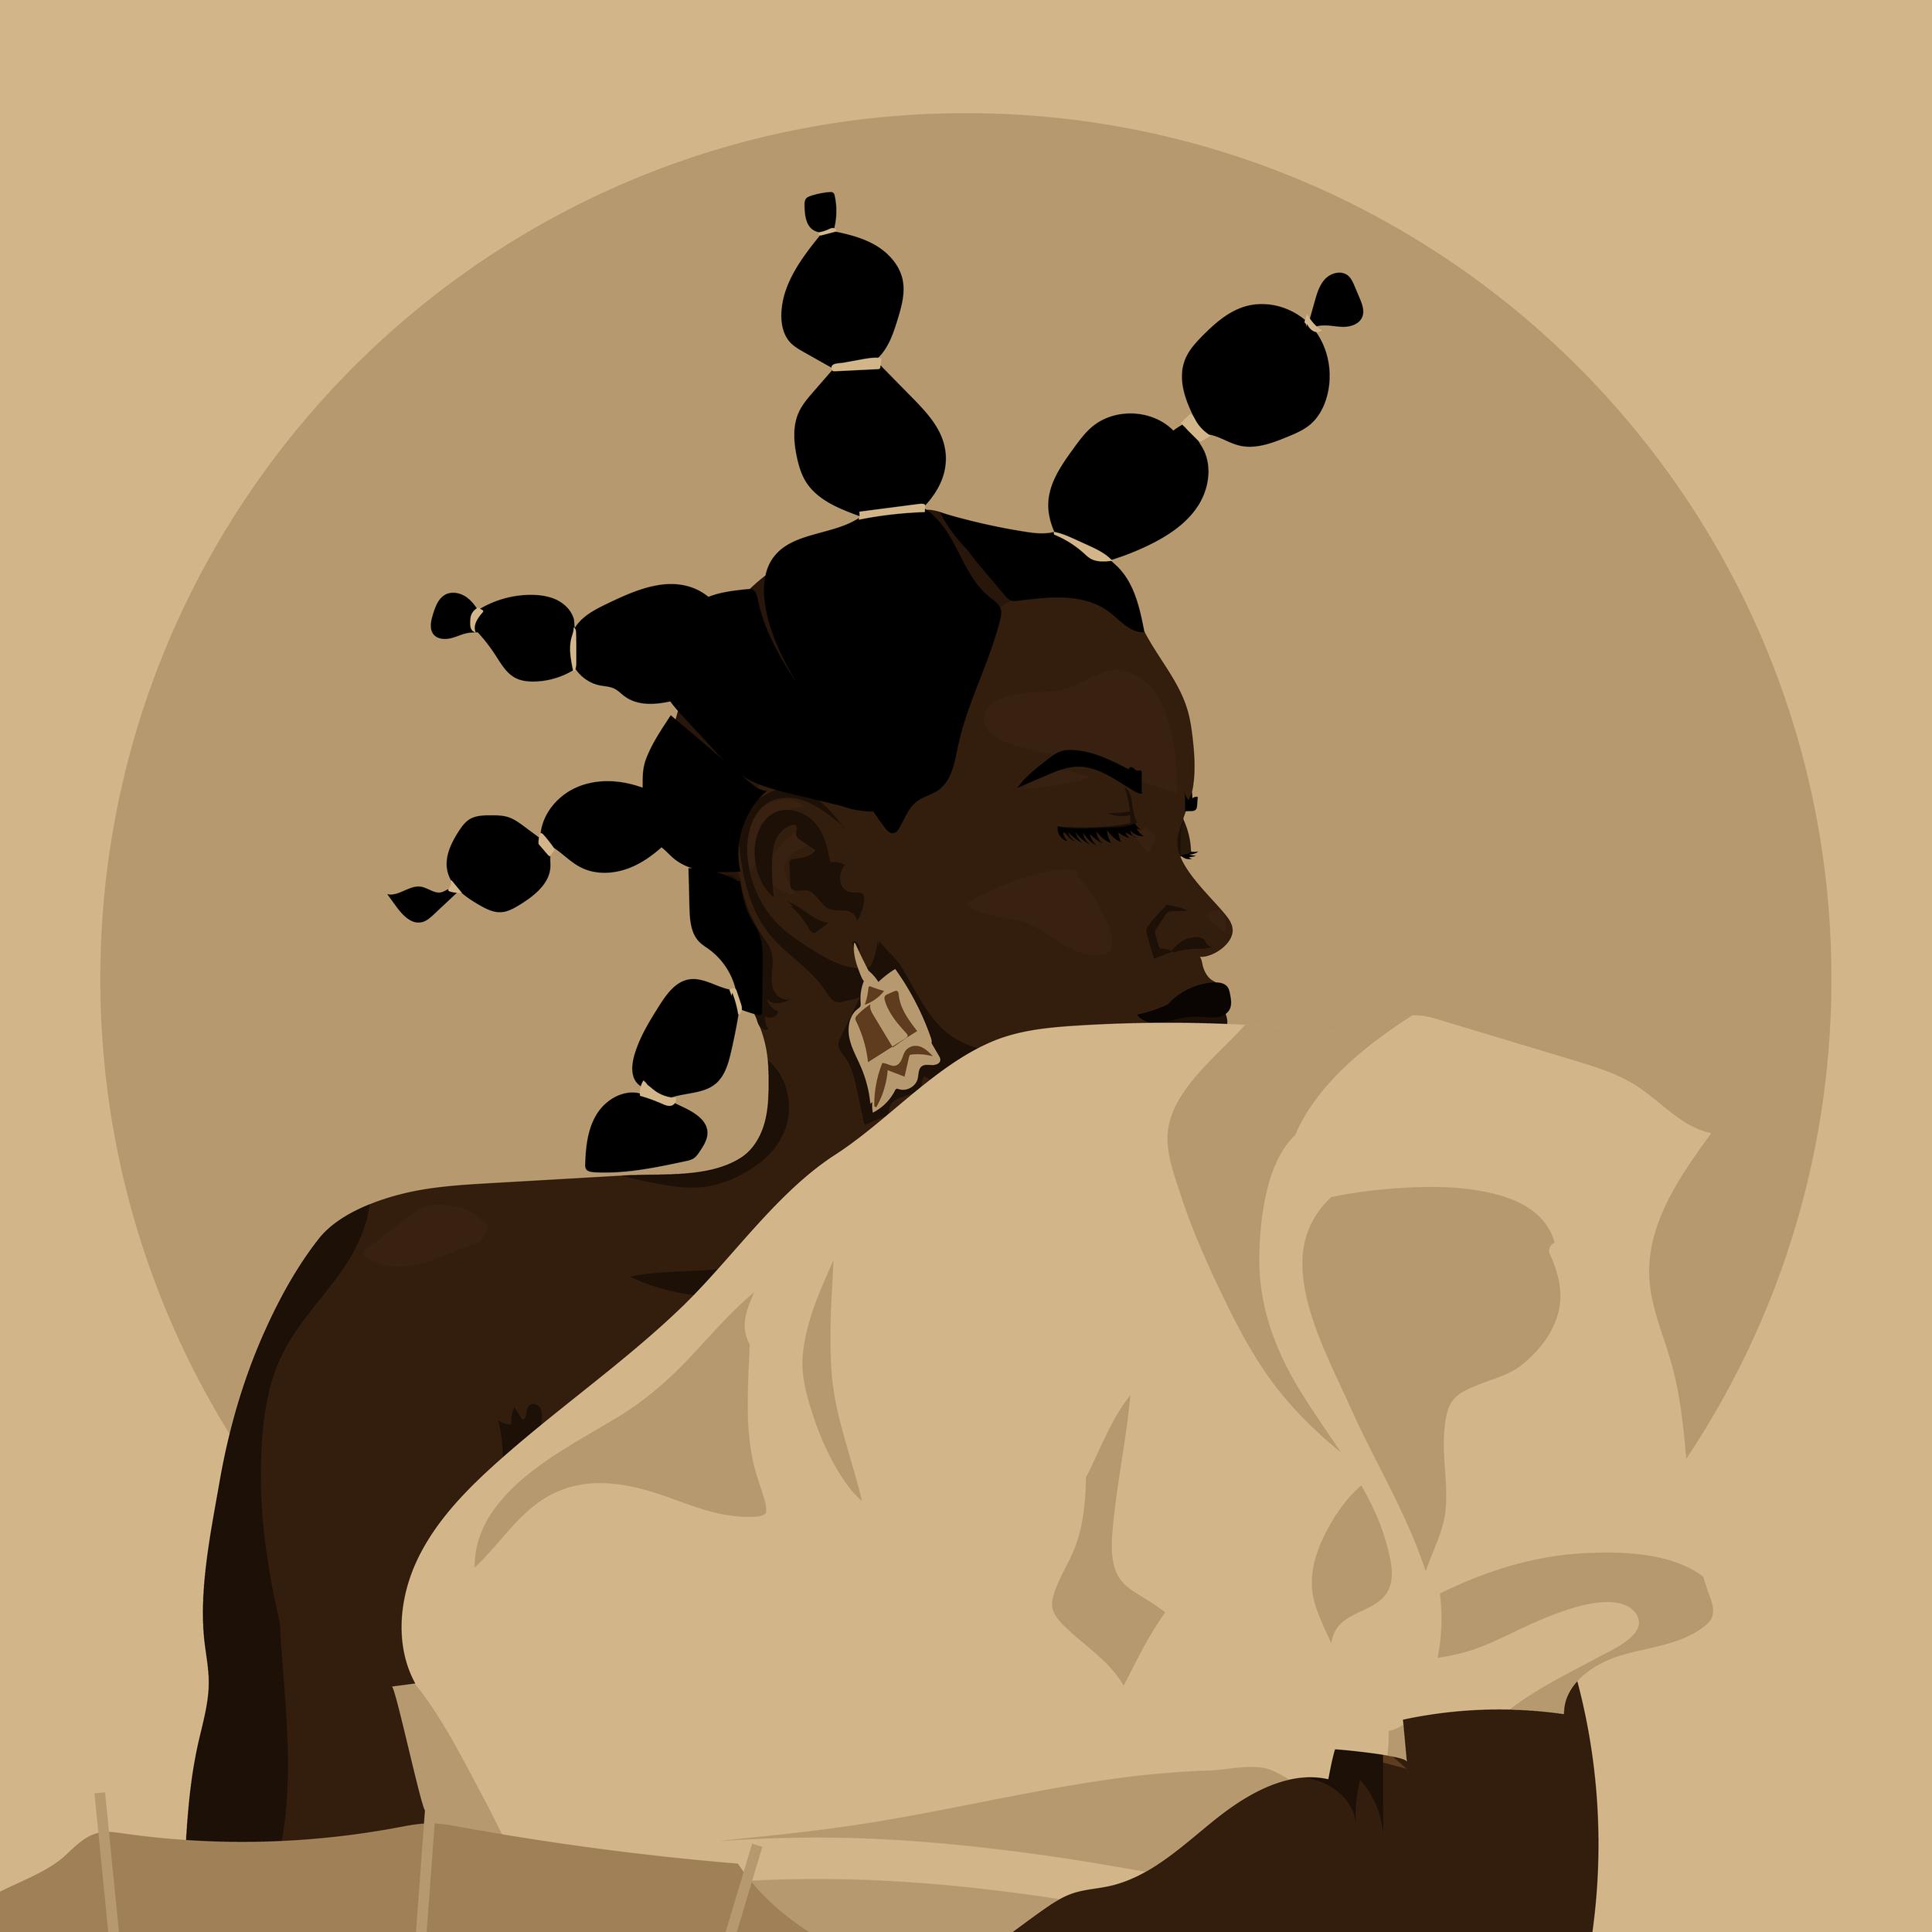 Hair mohawk womanB-01.png